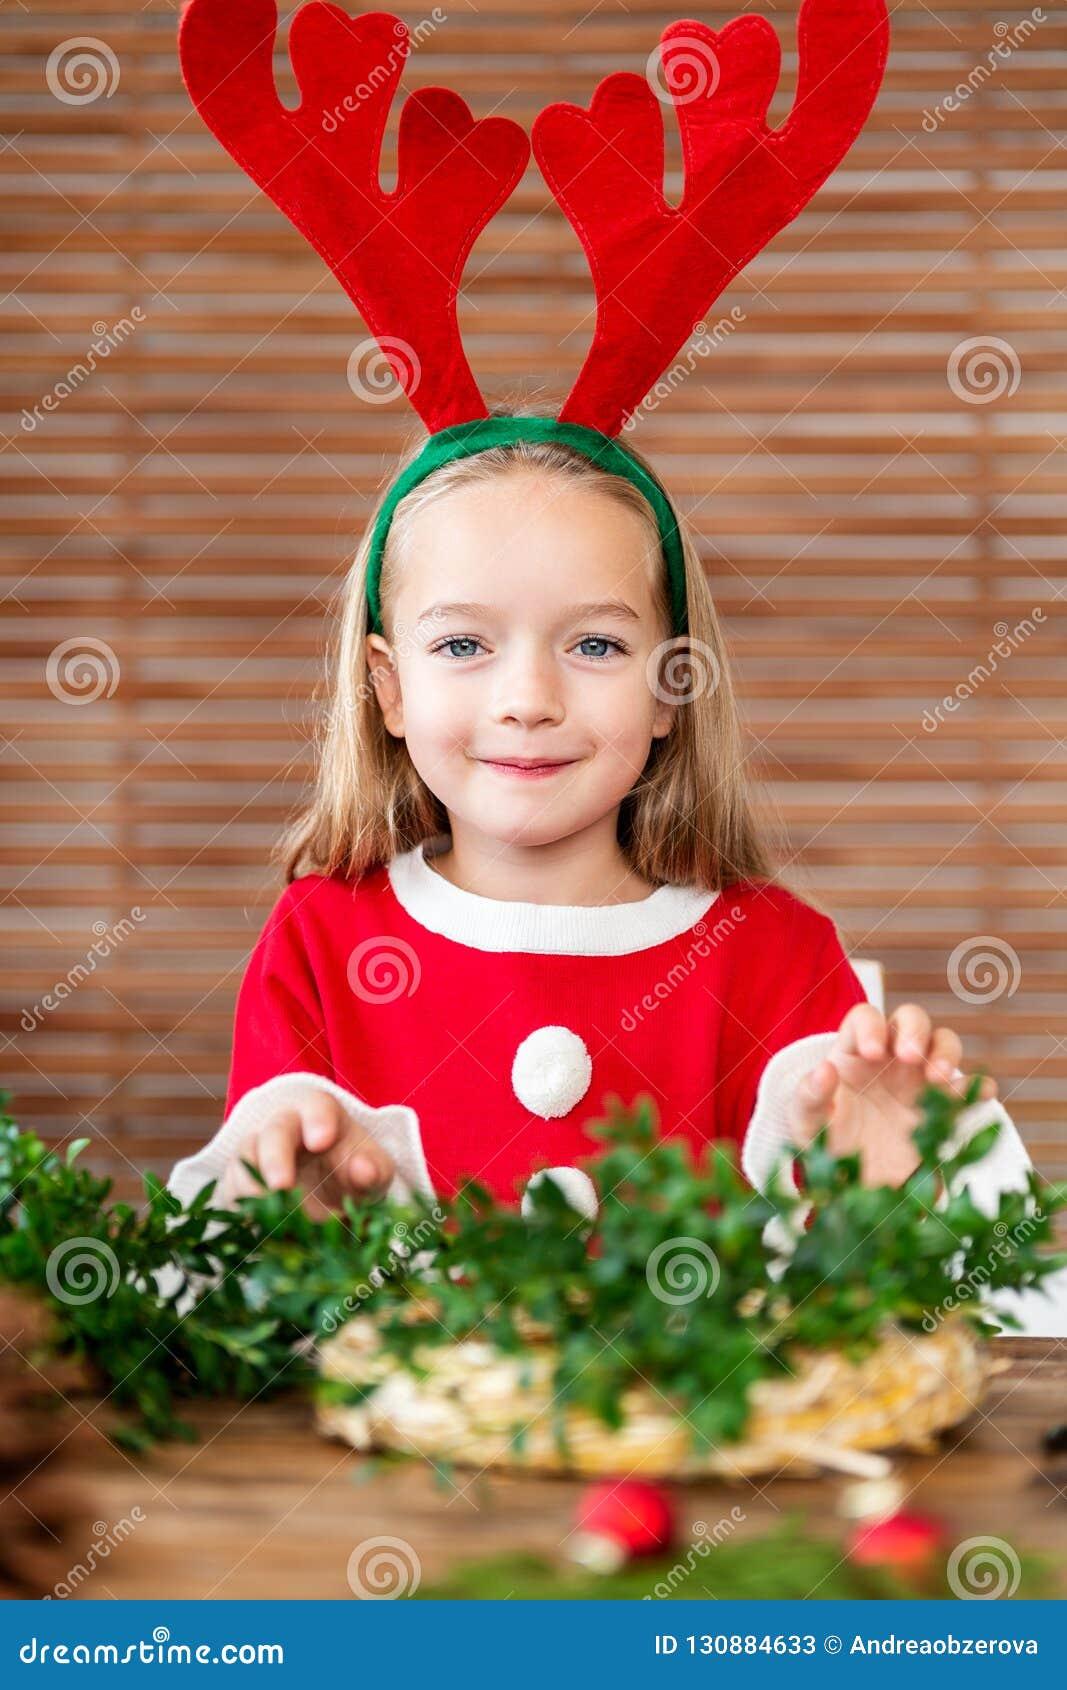 Cute preschooler girl dressed in reindeer costume wearing reindeer antlers making christmas wreath in living room. DIY Christmas.